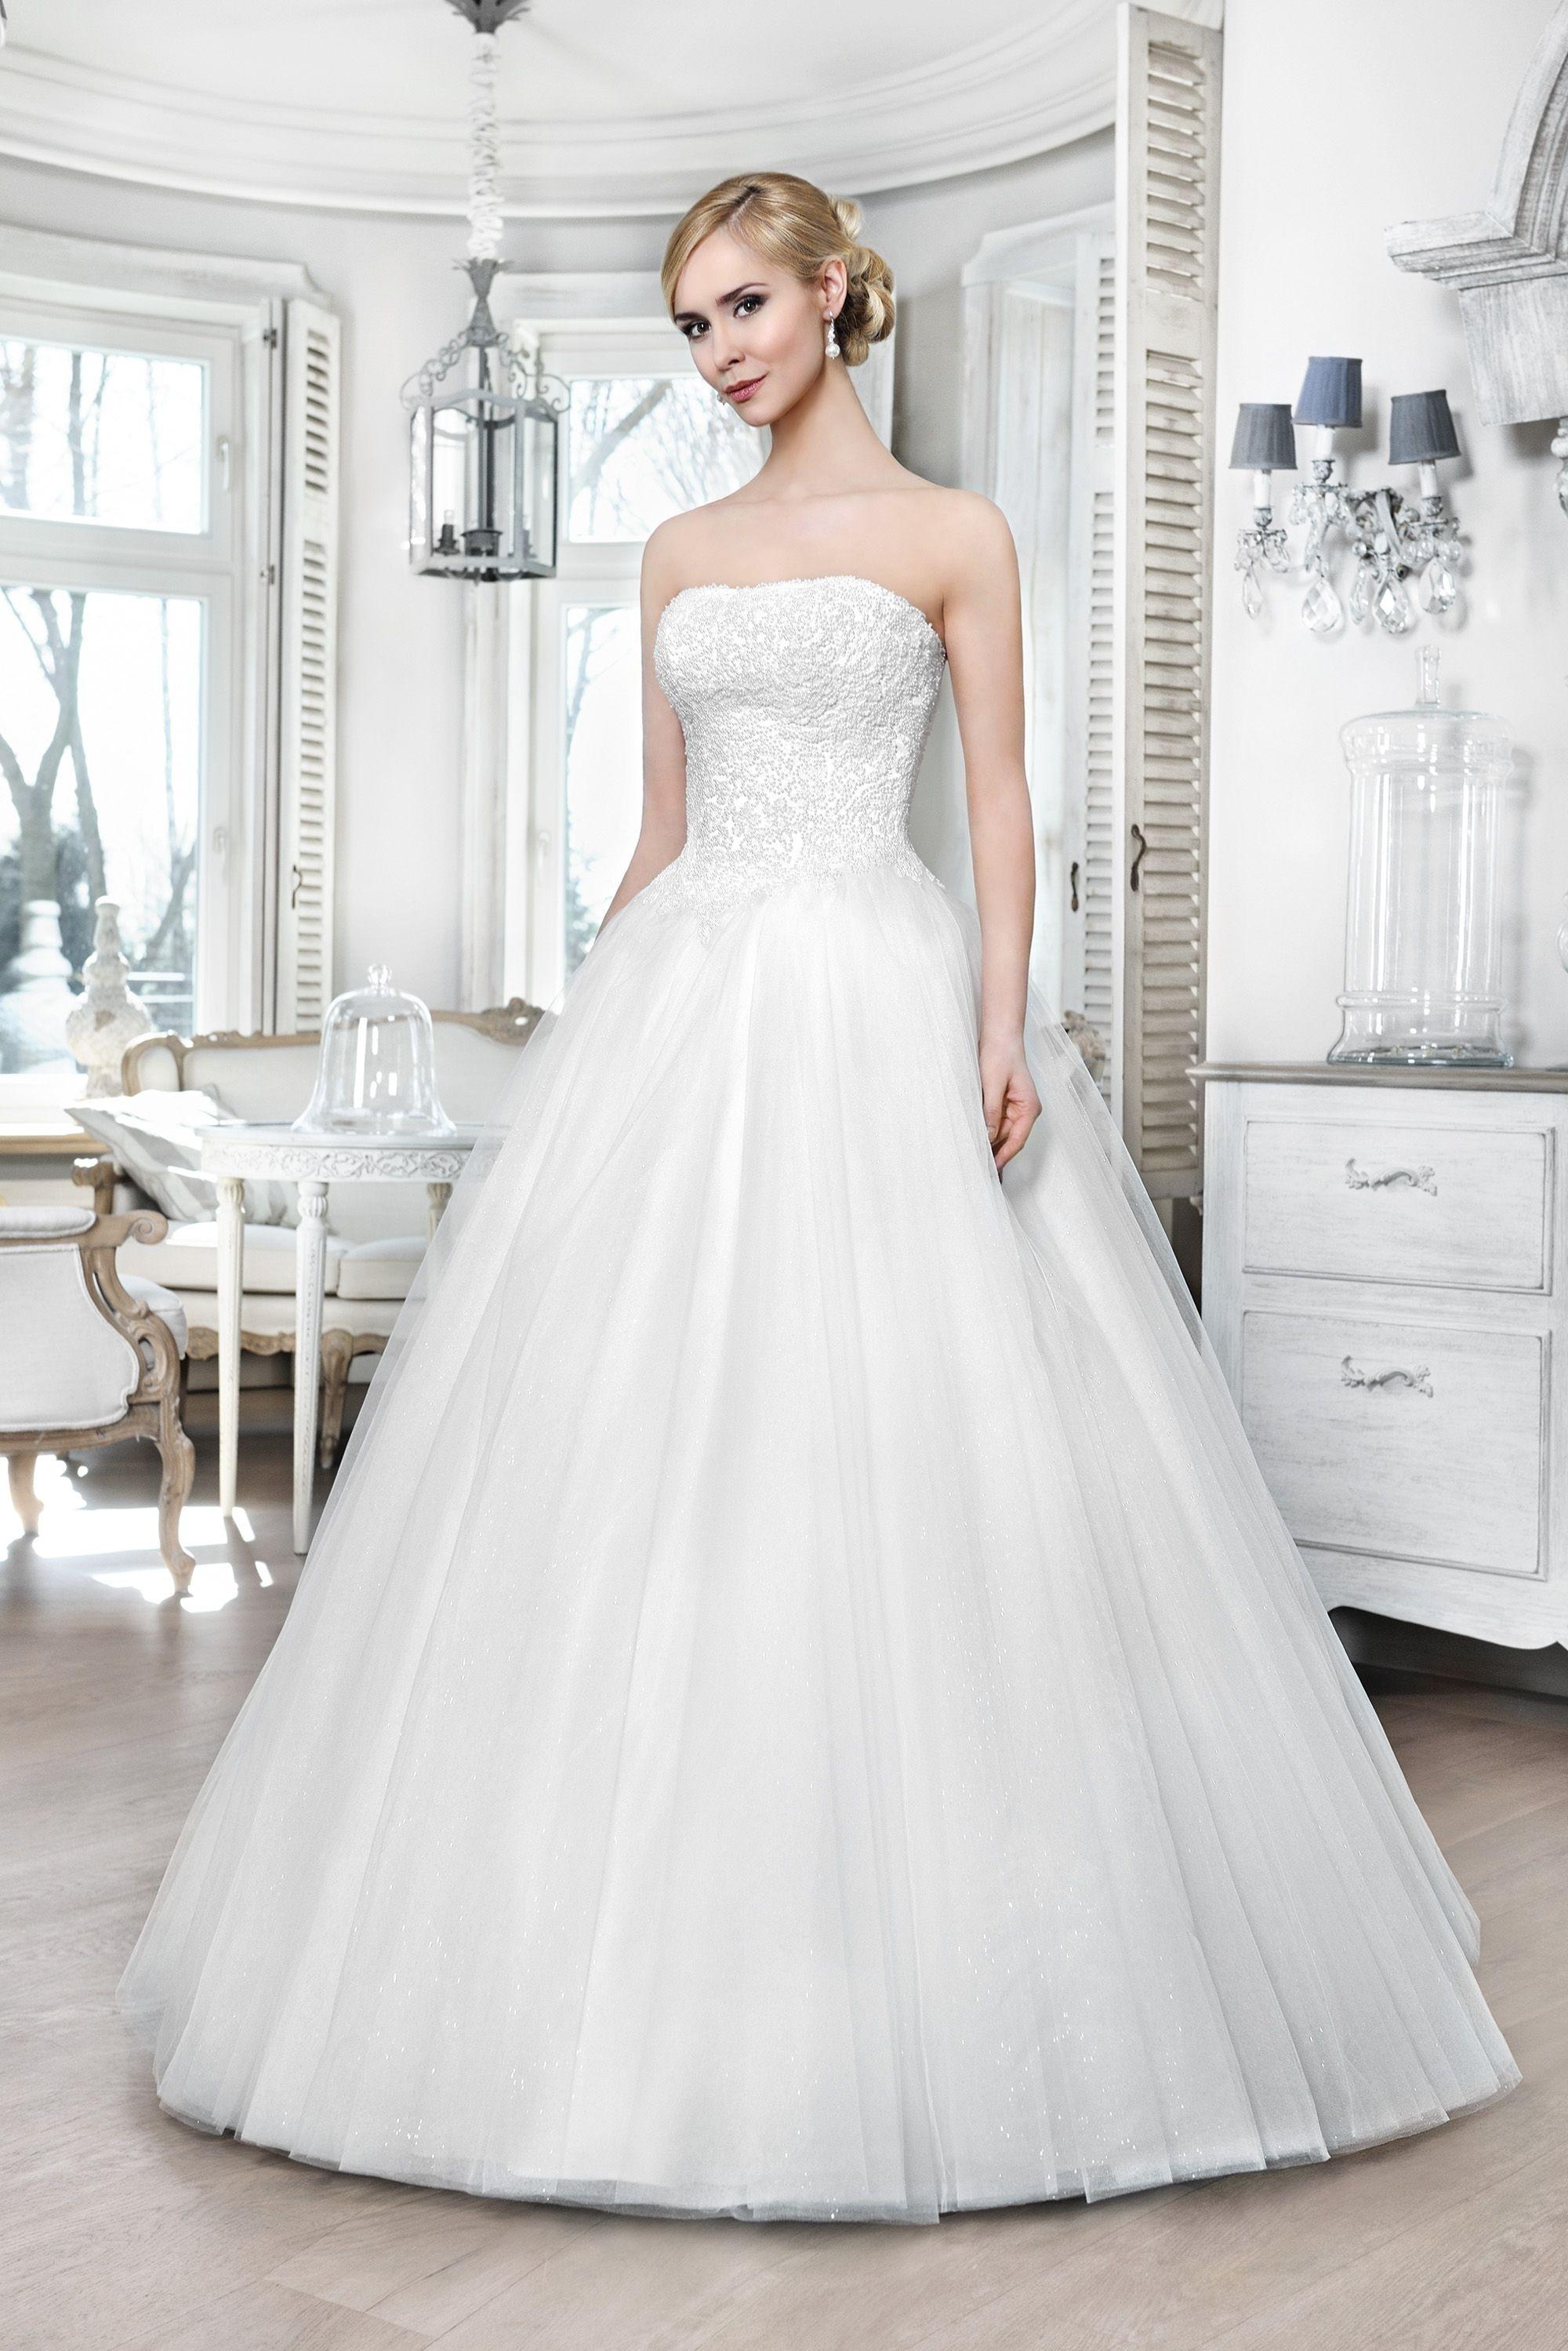 15 Fantastisch Brautkleider Mode DesignFormal Schön Brautkleider Mode Galerie